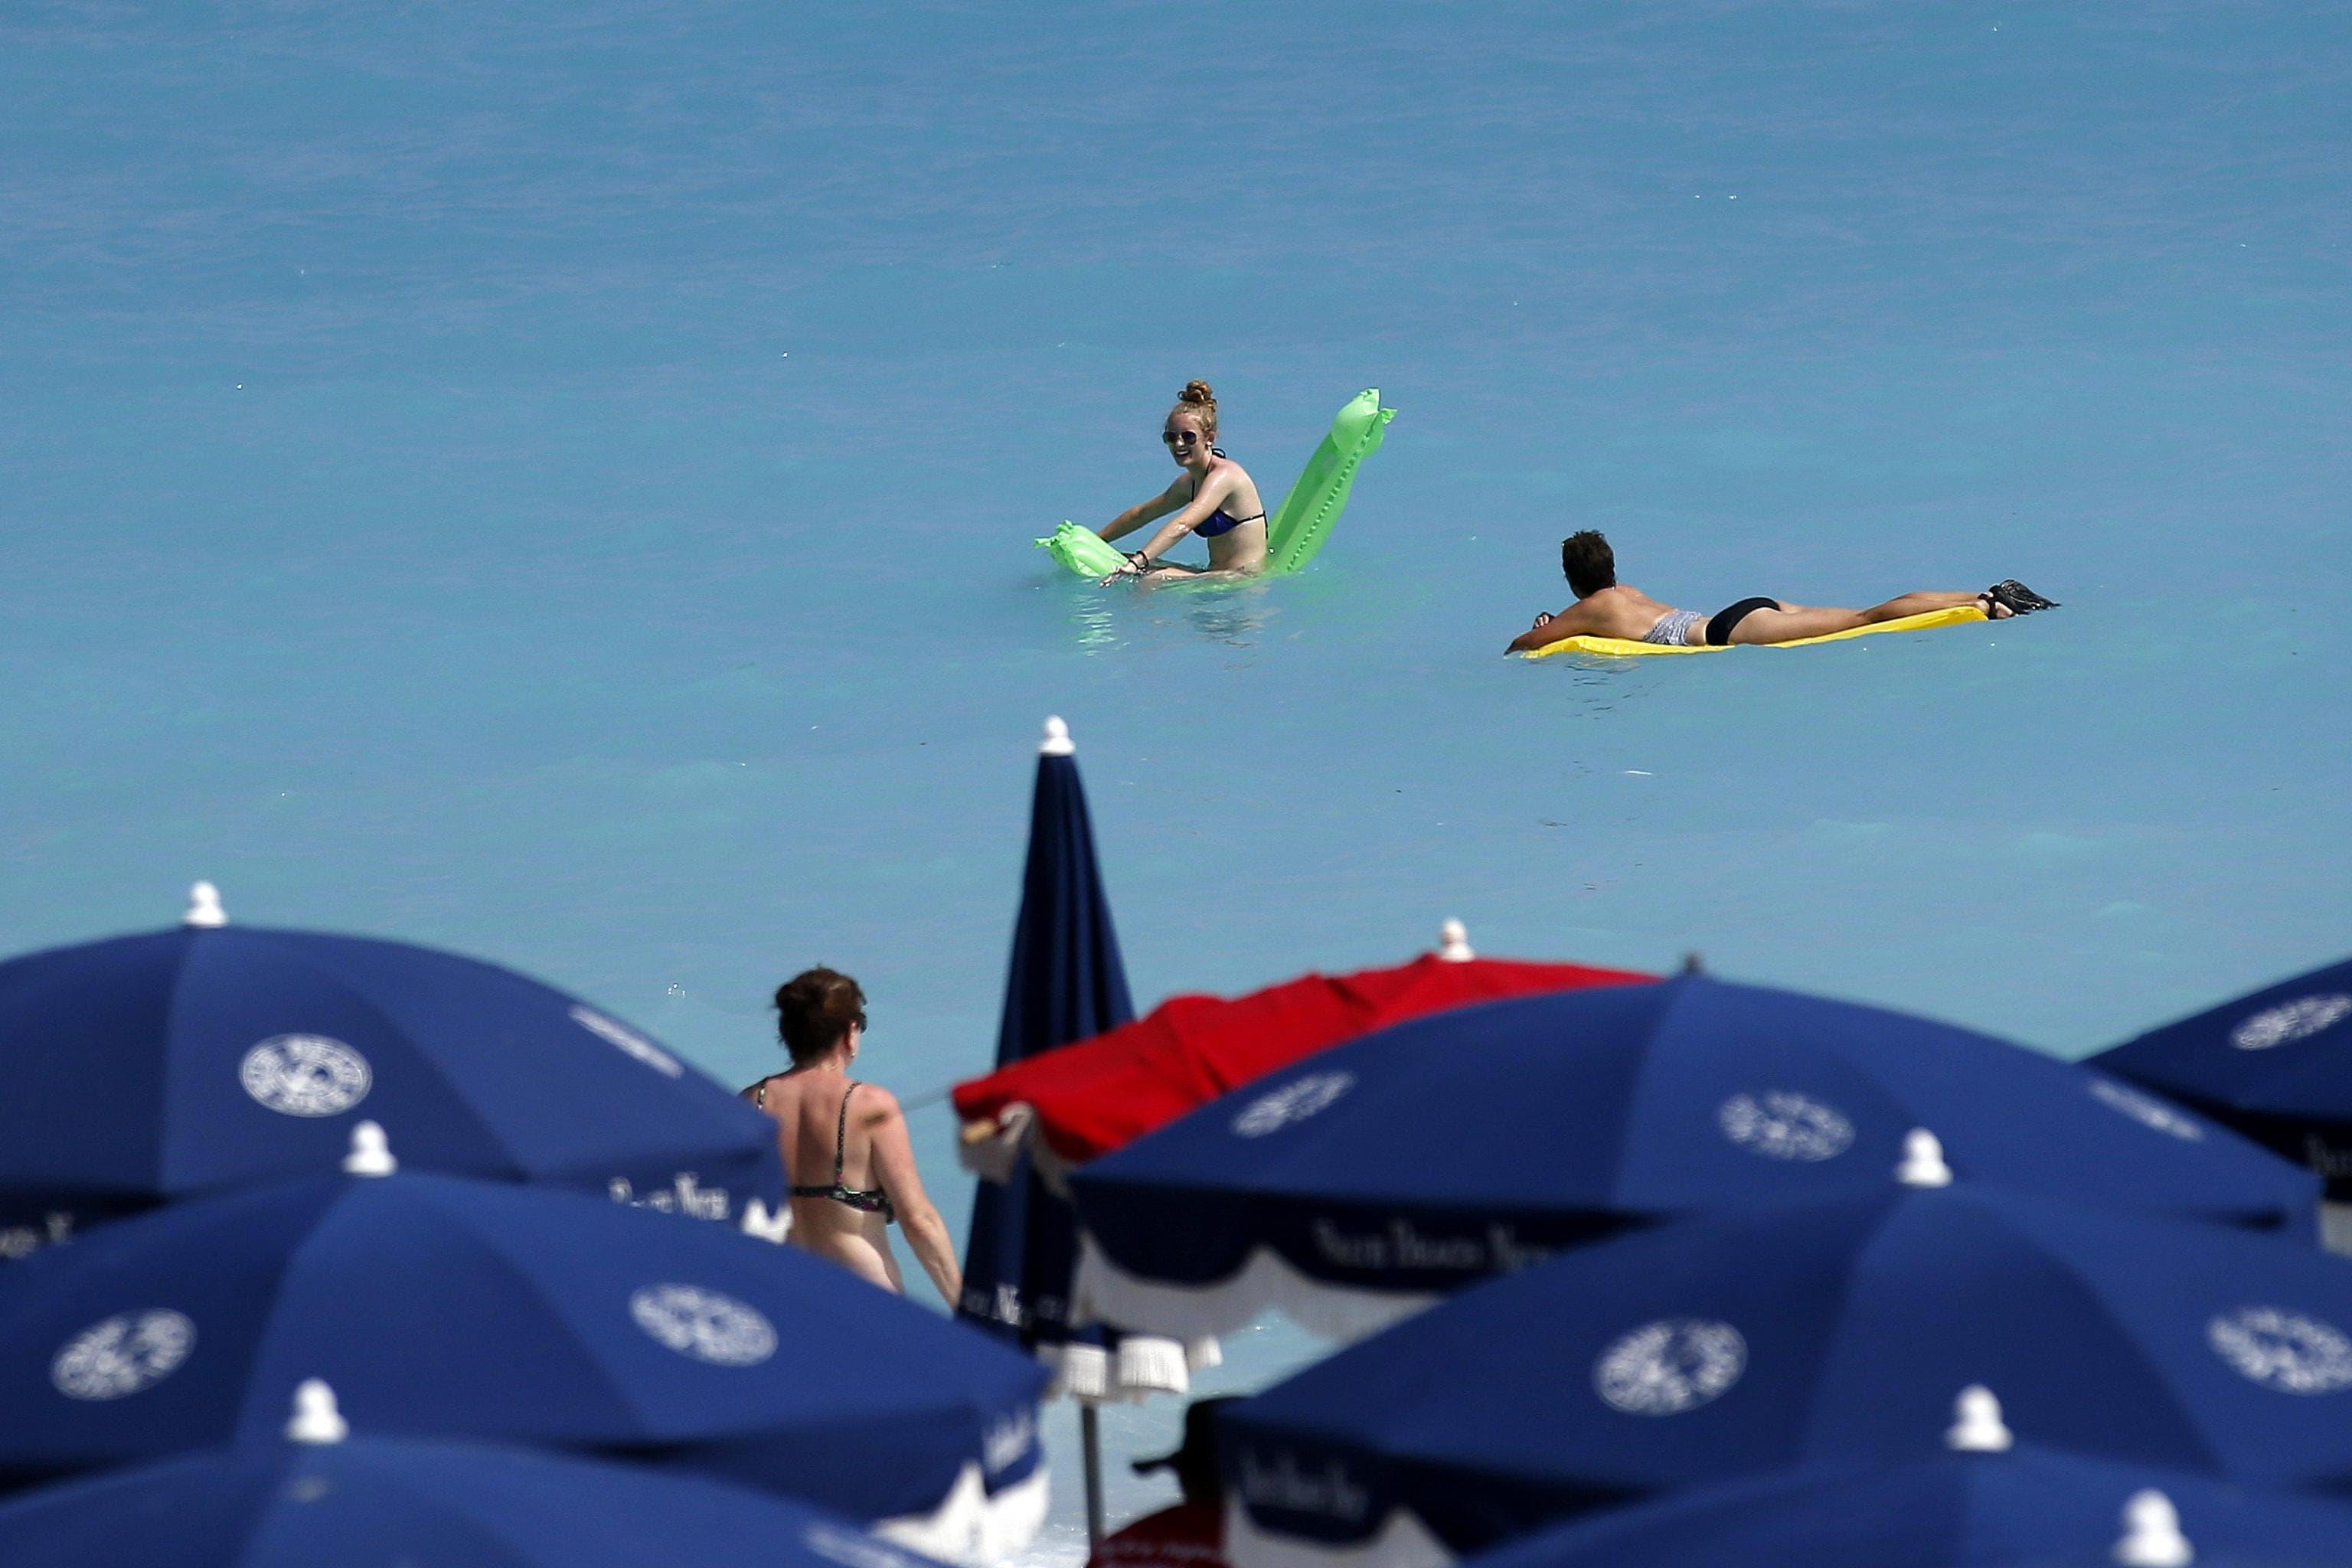 Meteo, sole, spiaggia. Quando arriva il caldo. ANSA-2